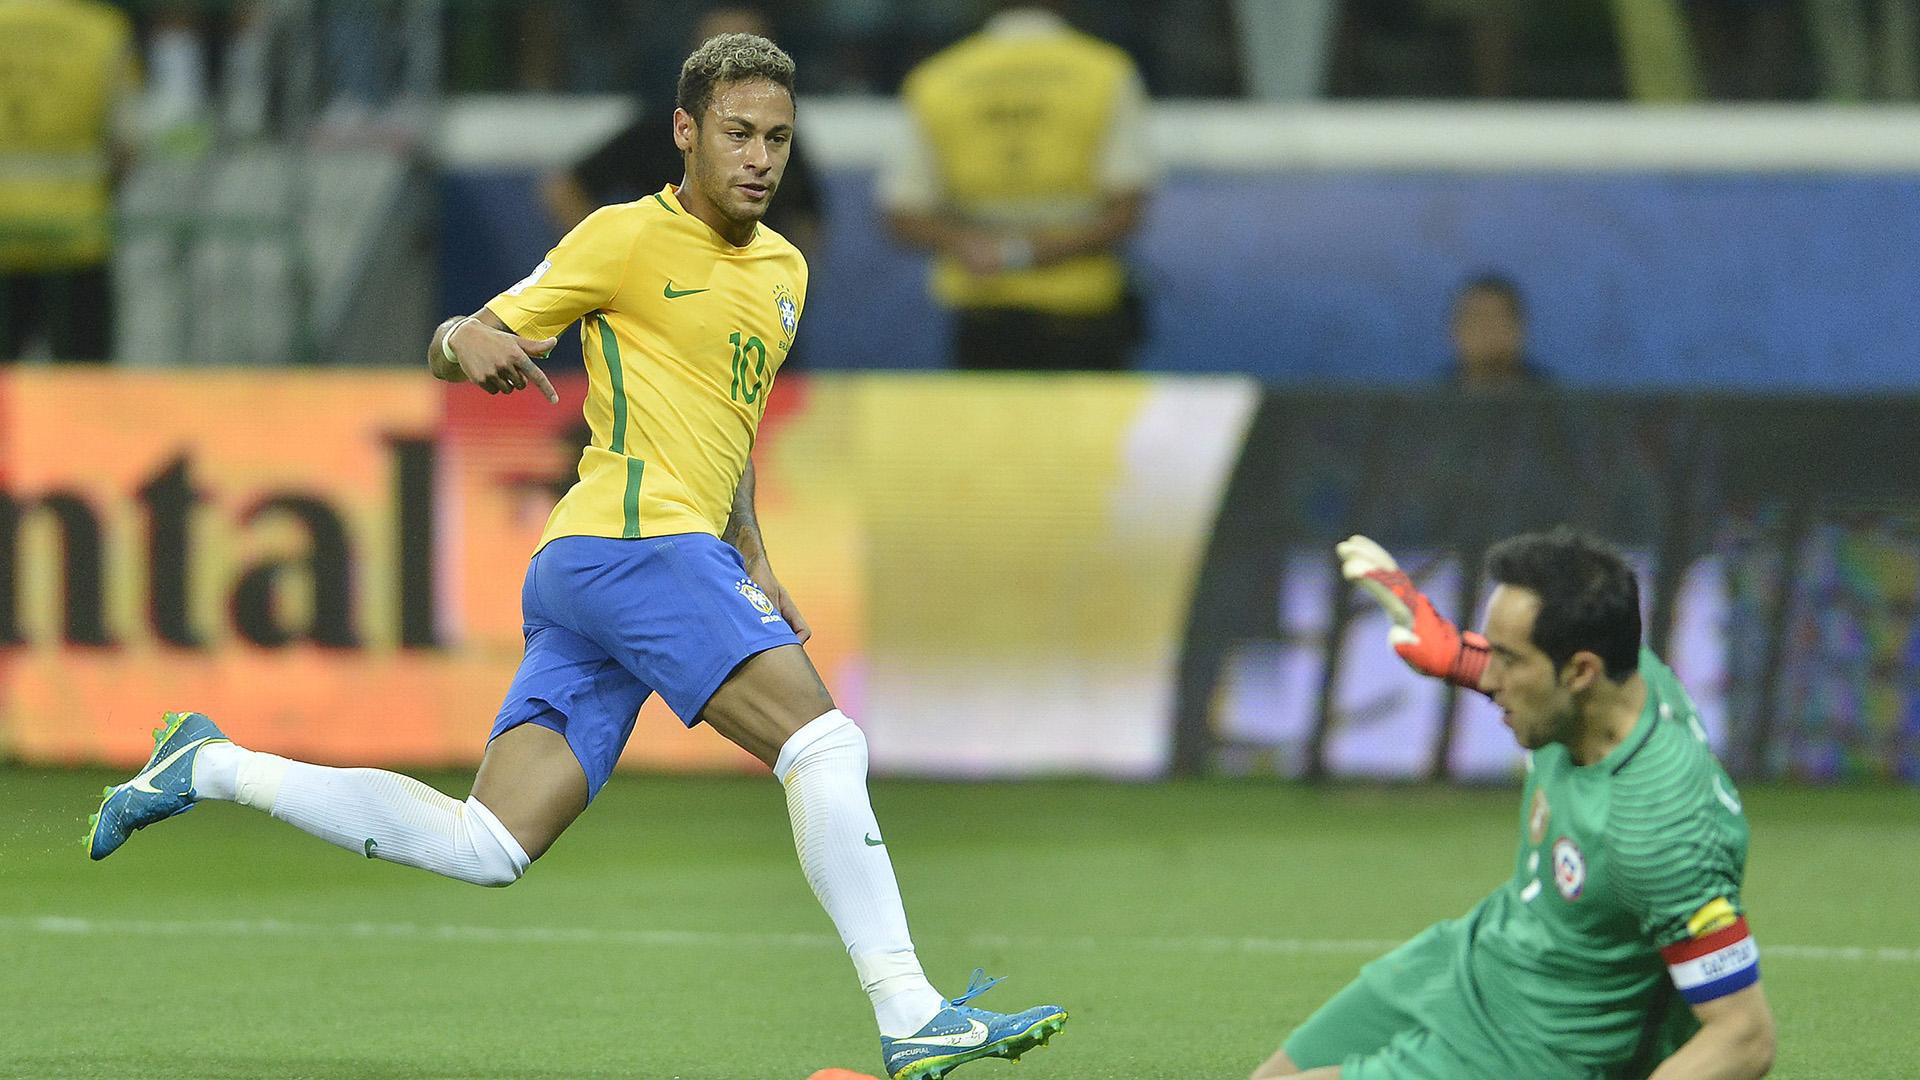 Com reservas, Tite encara o Japão como jogo de Copa do Mundo